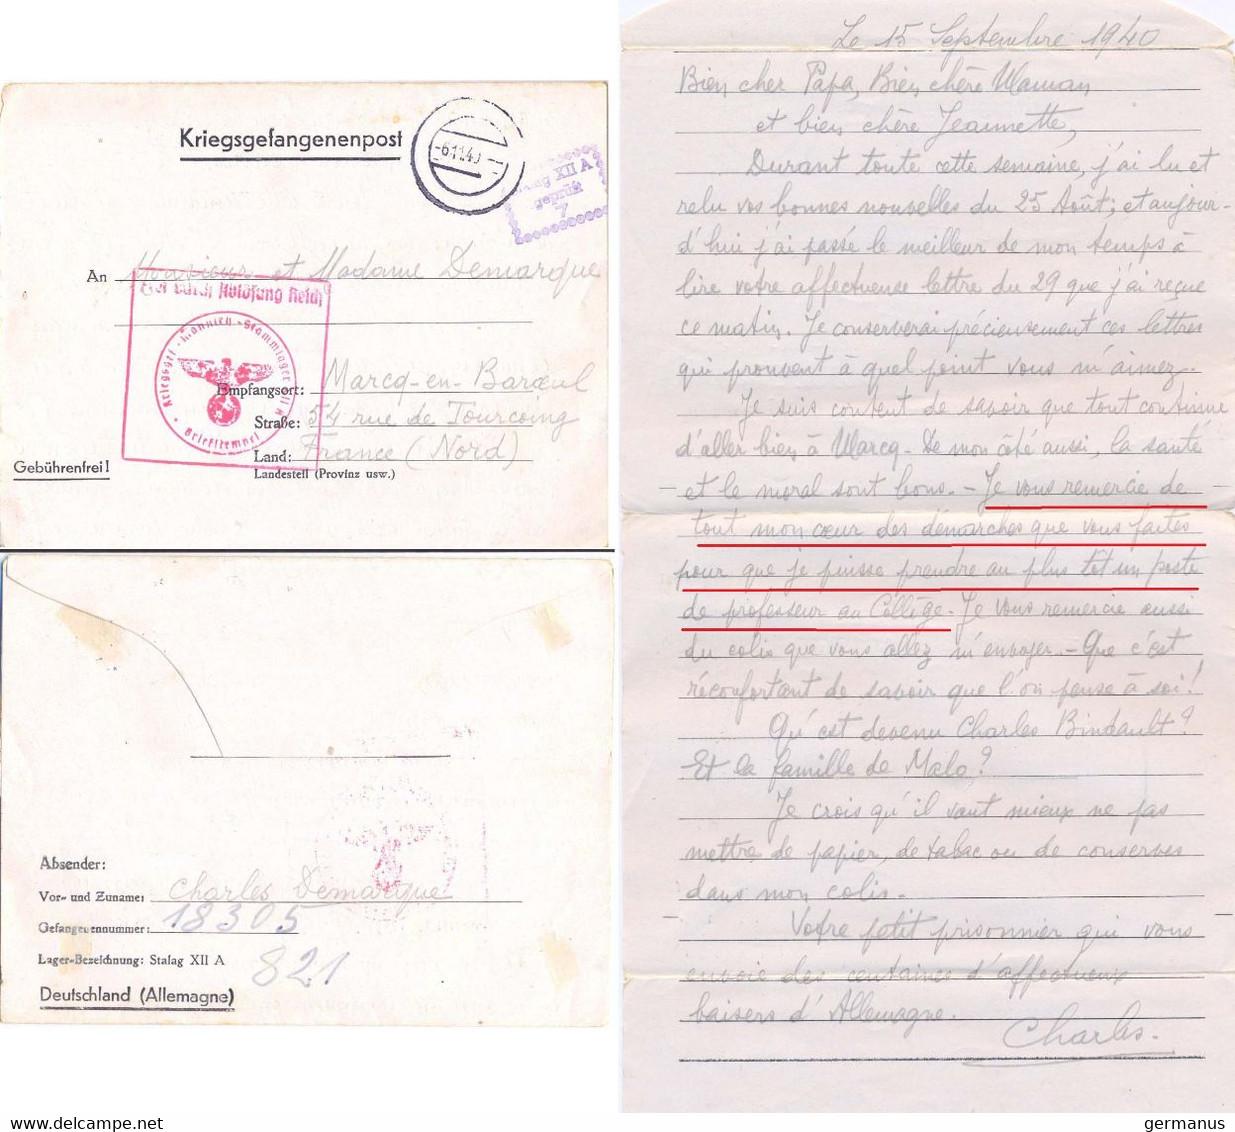 GUERRE 39-45 COR. D'un PRISONNIER Au STALAG XII A /7 LIMBURG AN DER LAHN, Le 15-9-1940 Pense Prendre Un Poste De Prof … - Guerra De 1939-45